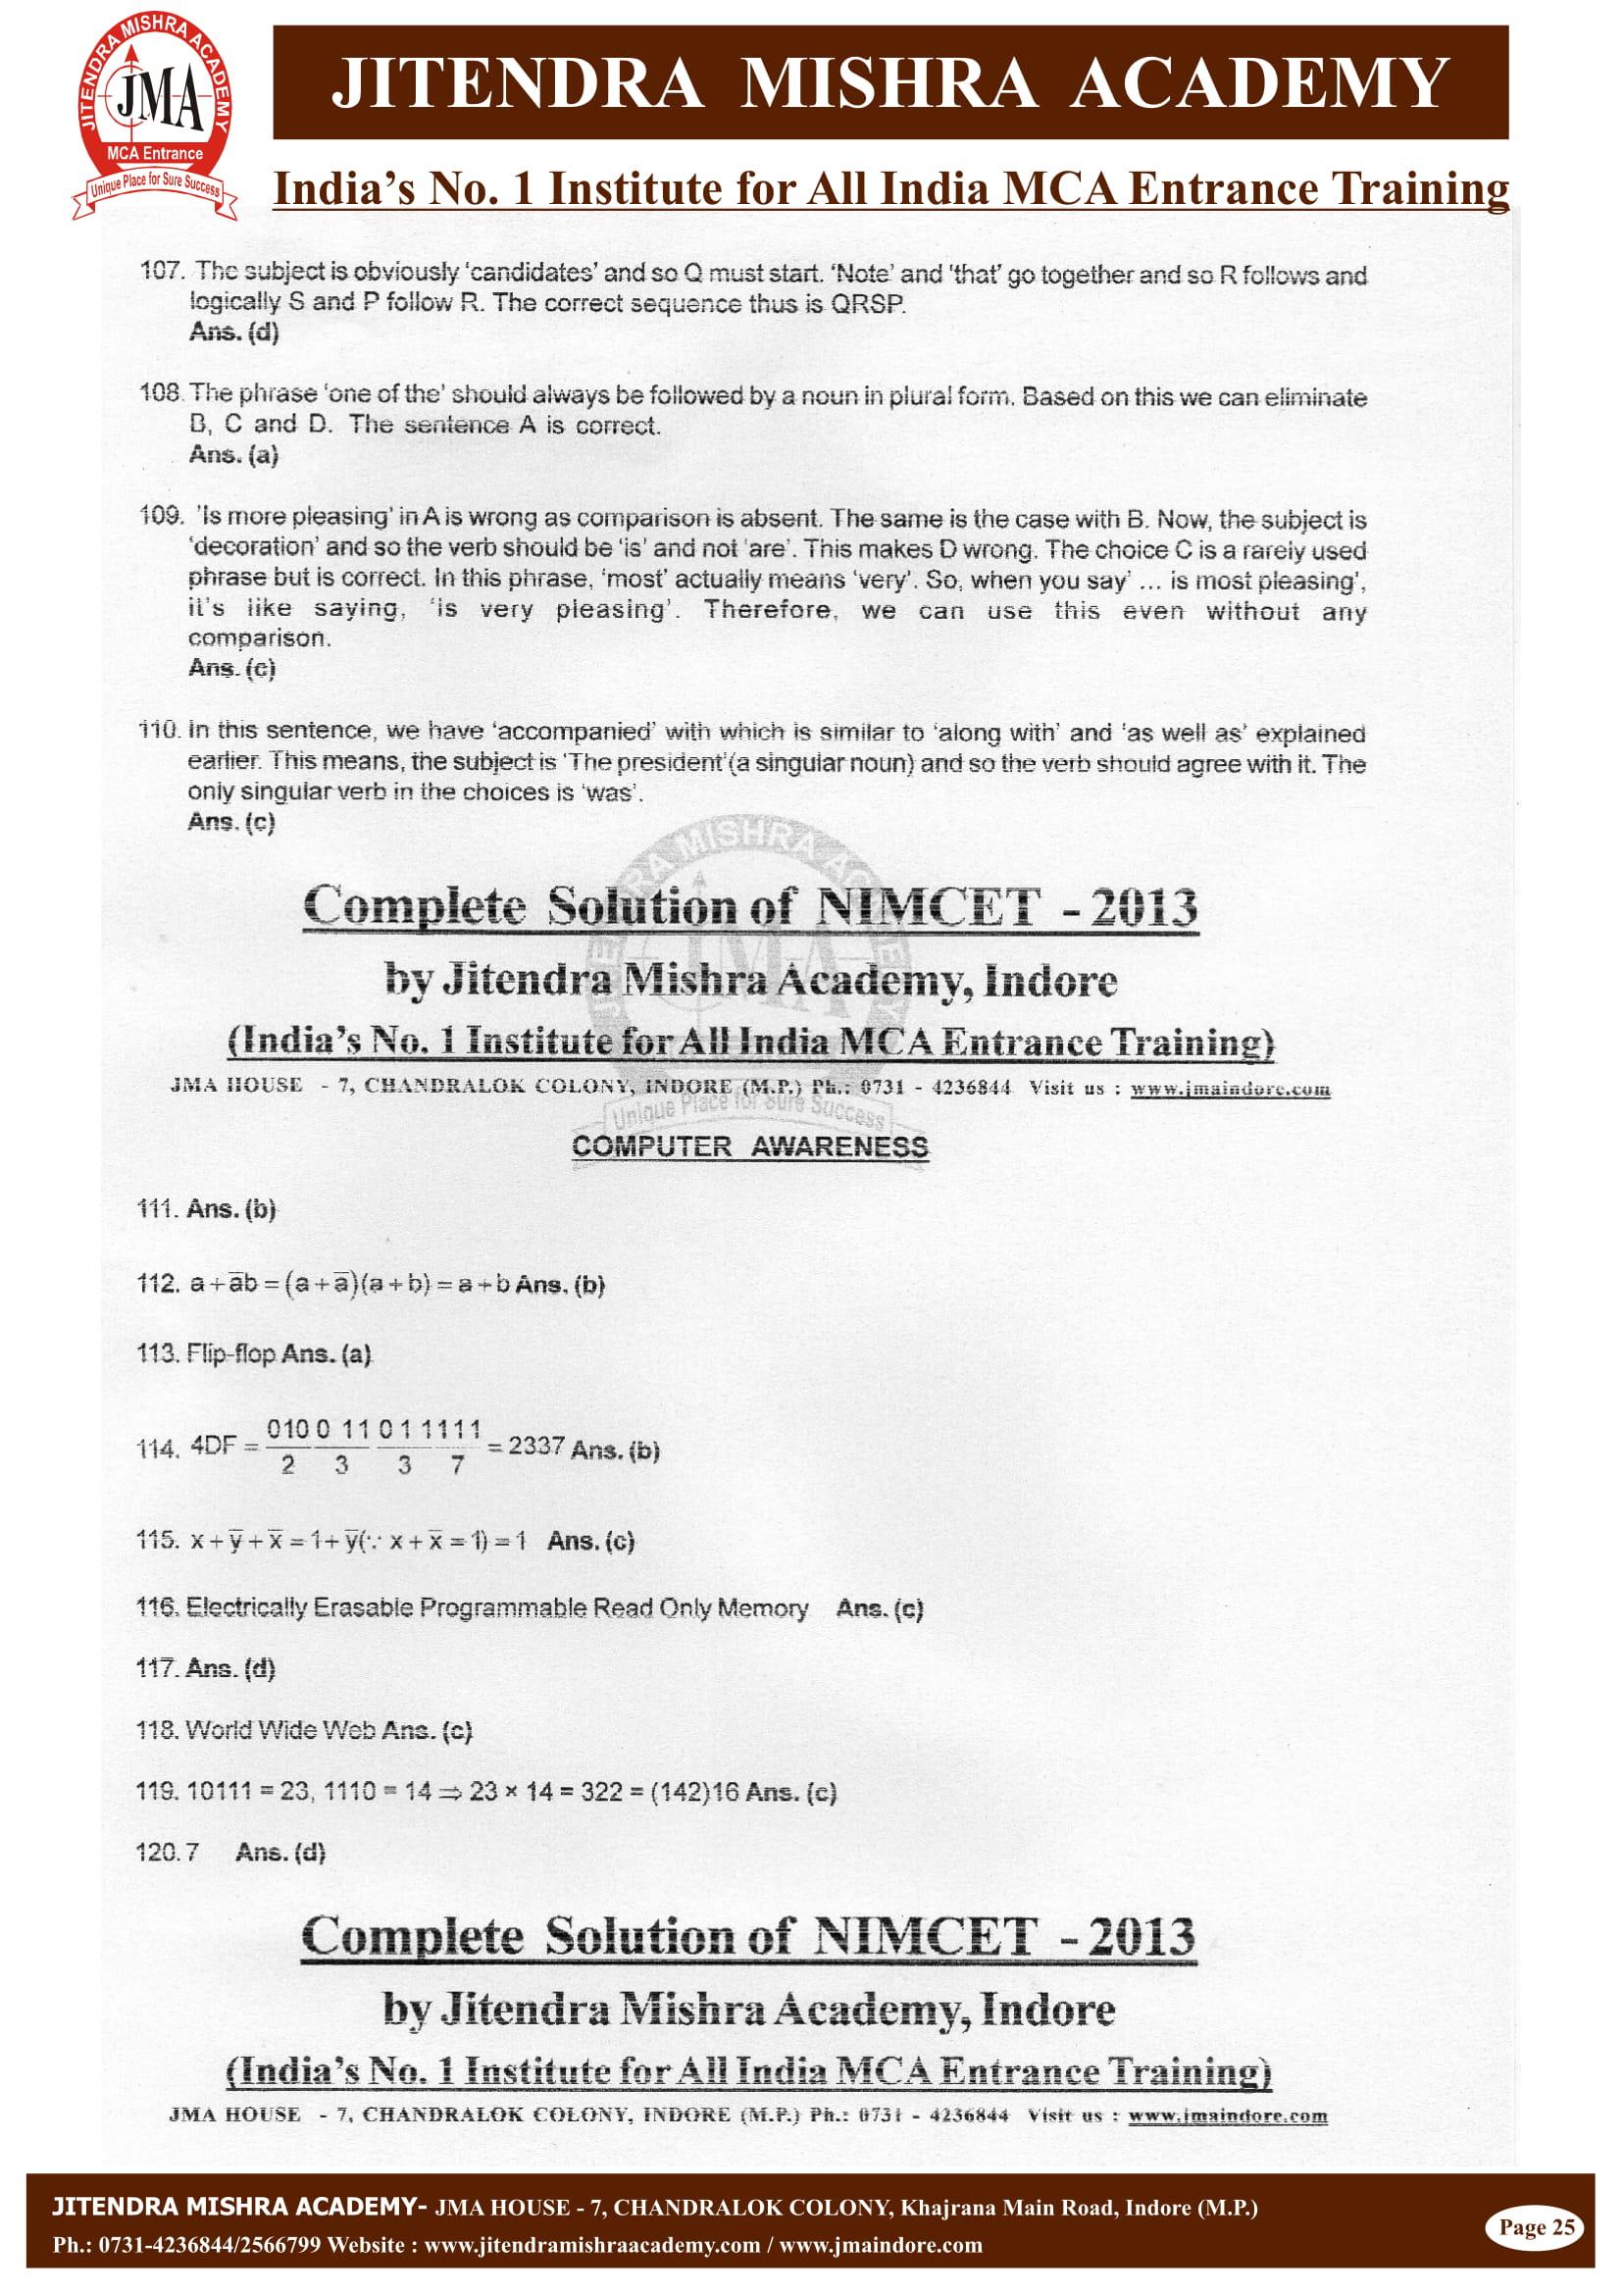 NIMCET - 2013 (SOLUTION)-25